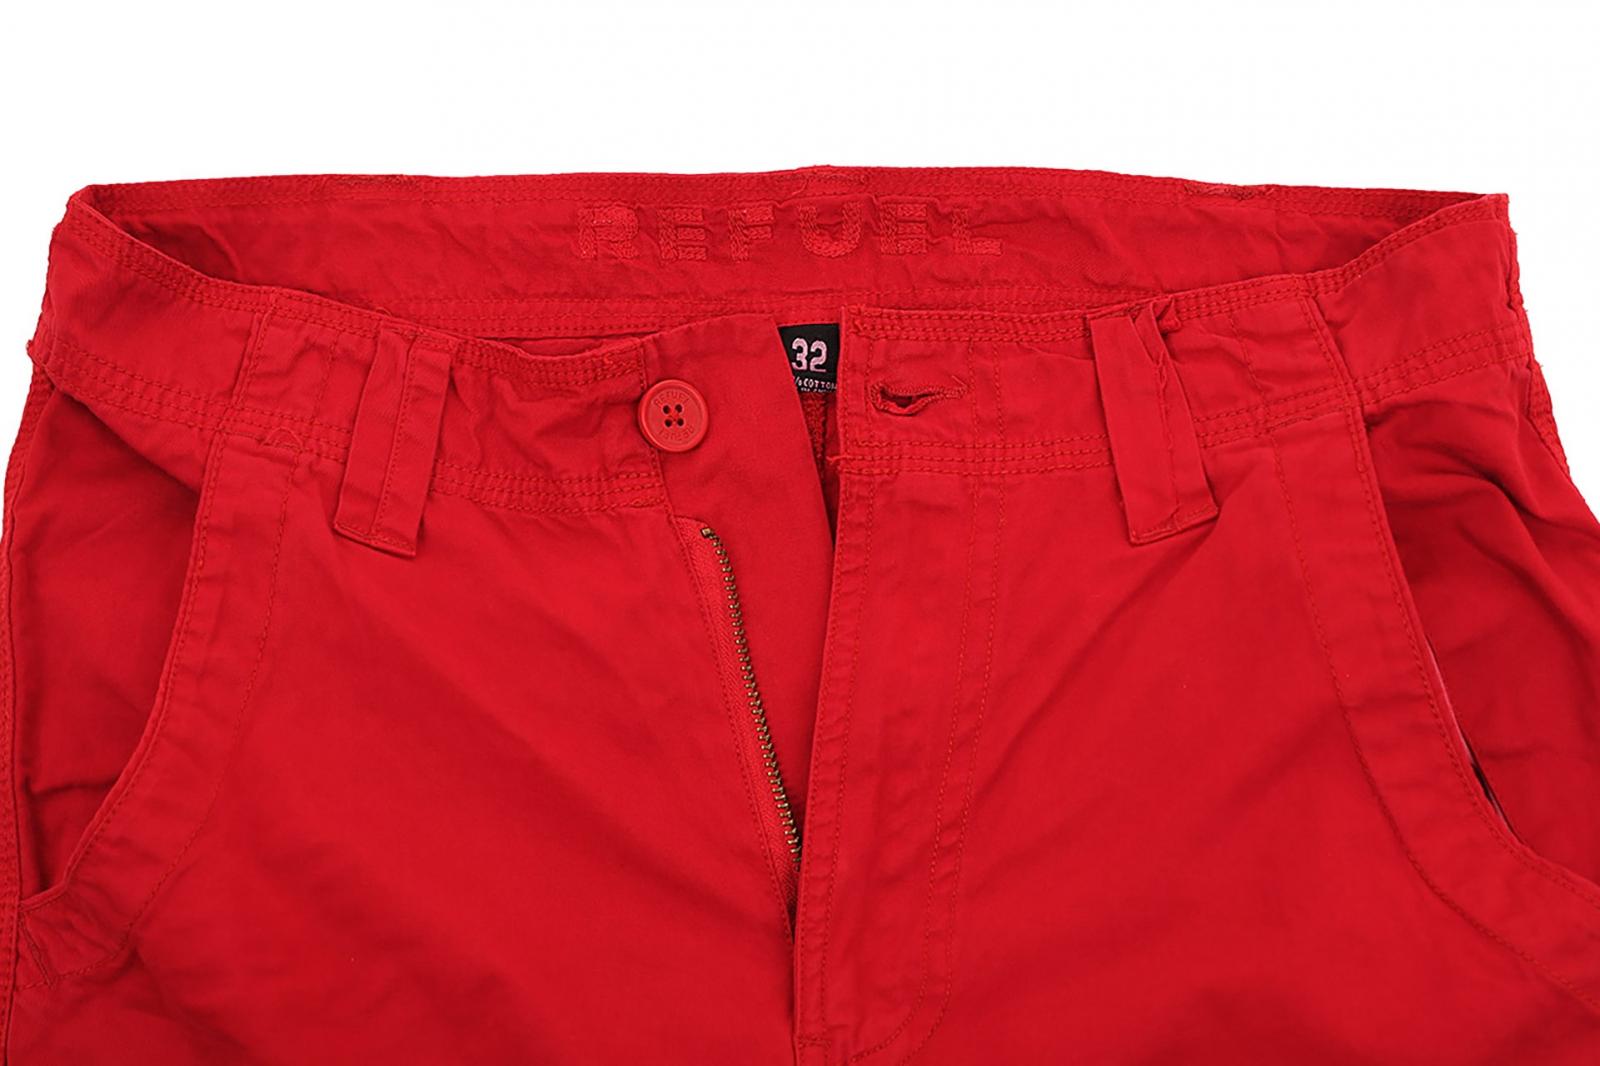 Модные мужские шорты красного цвета с доставкой